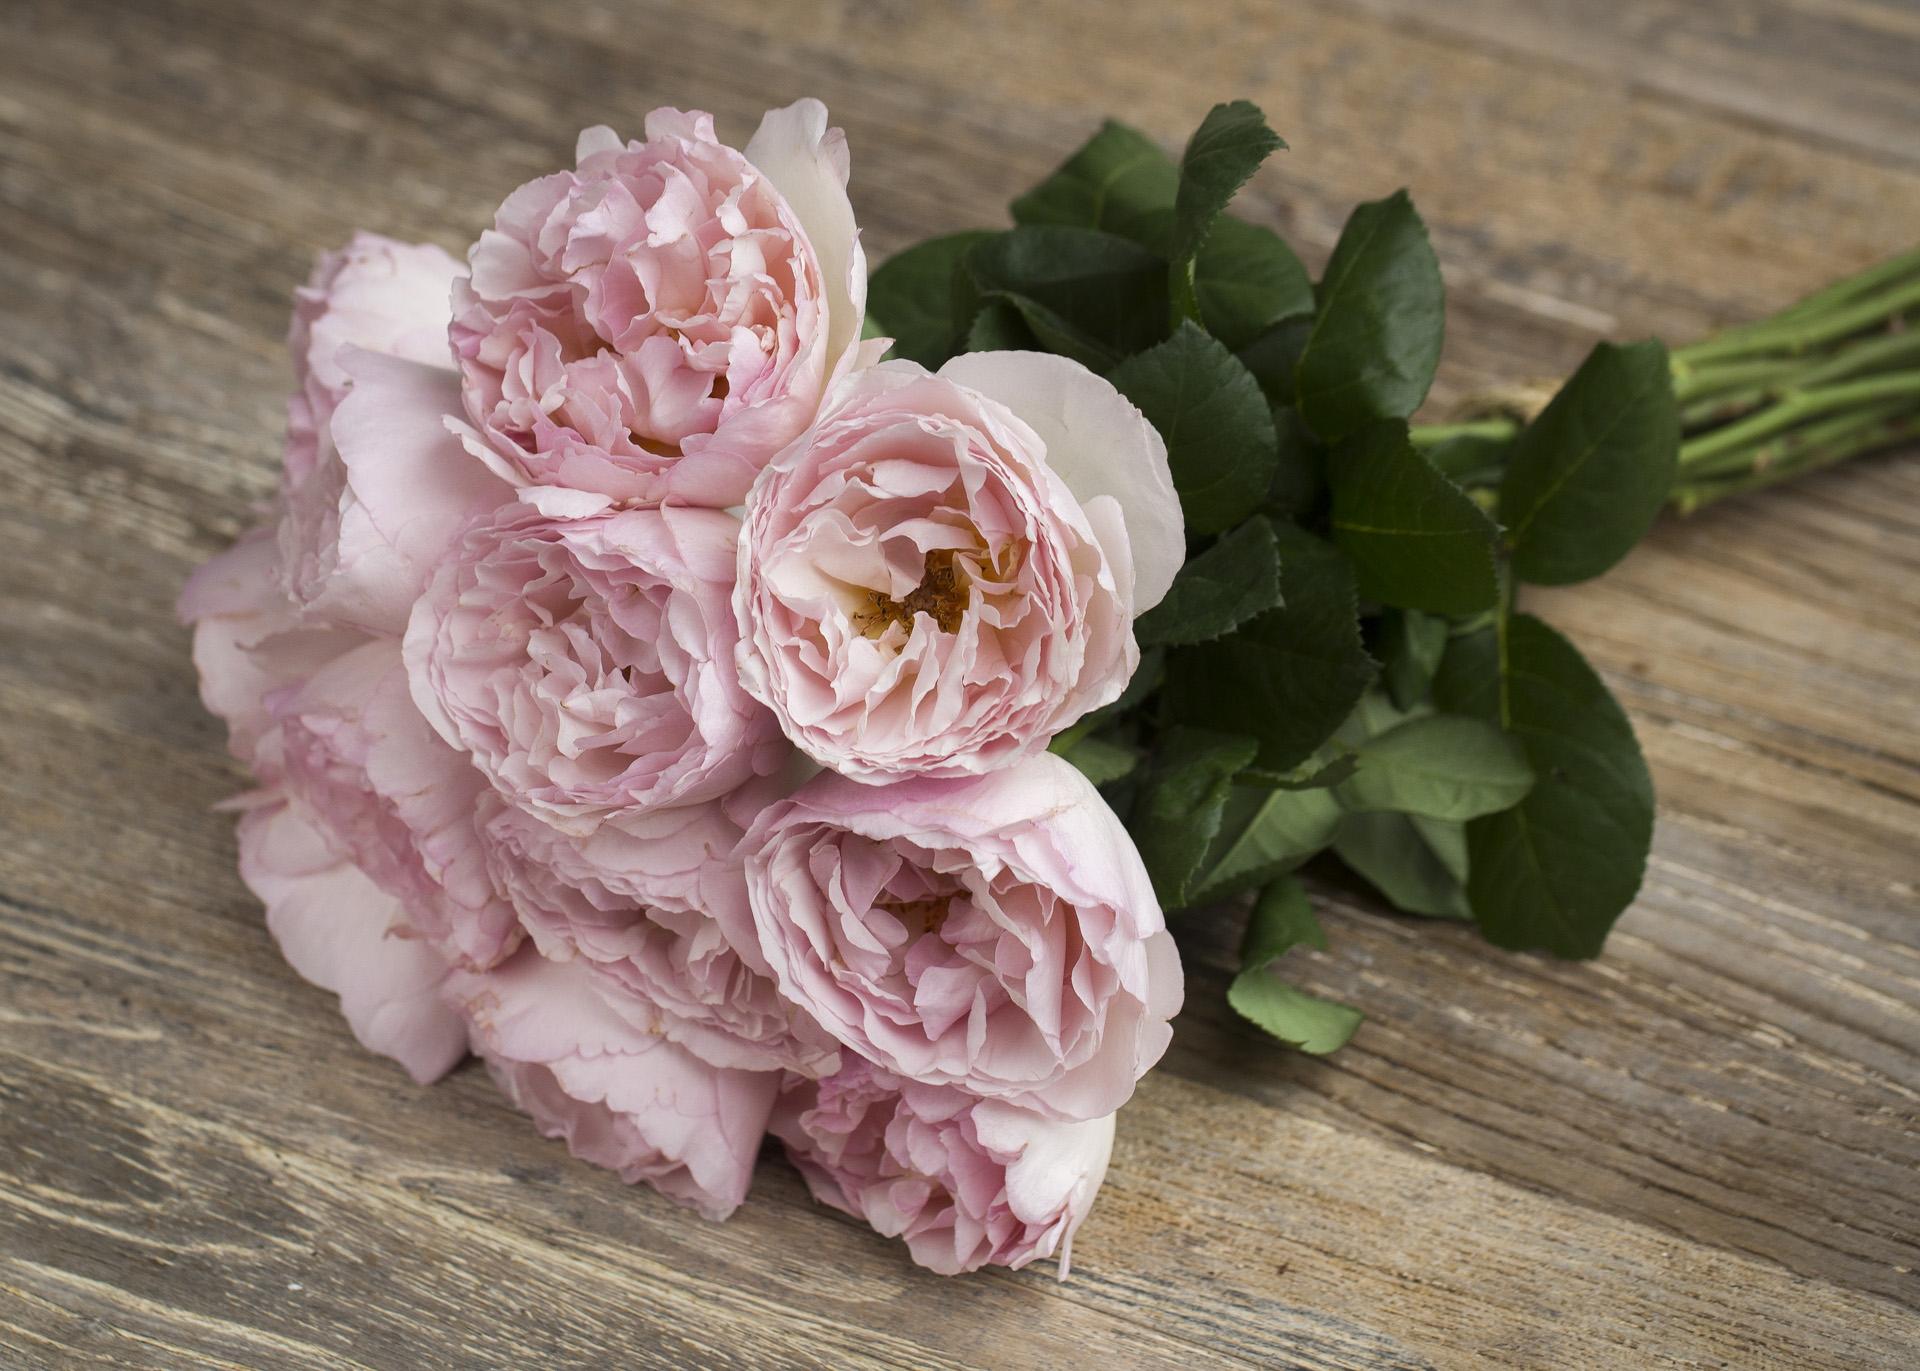 Meilland Jardin & Parfum Rose Princesse Charlene de Monaco